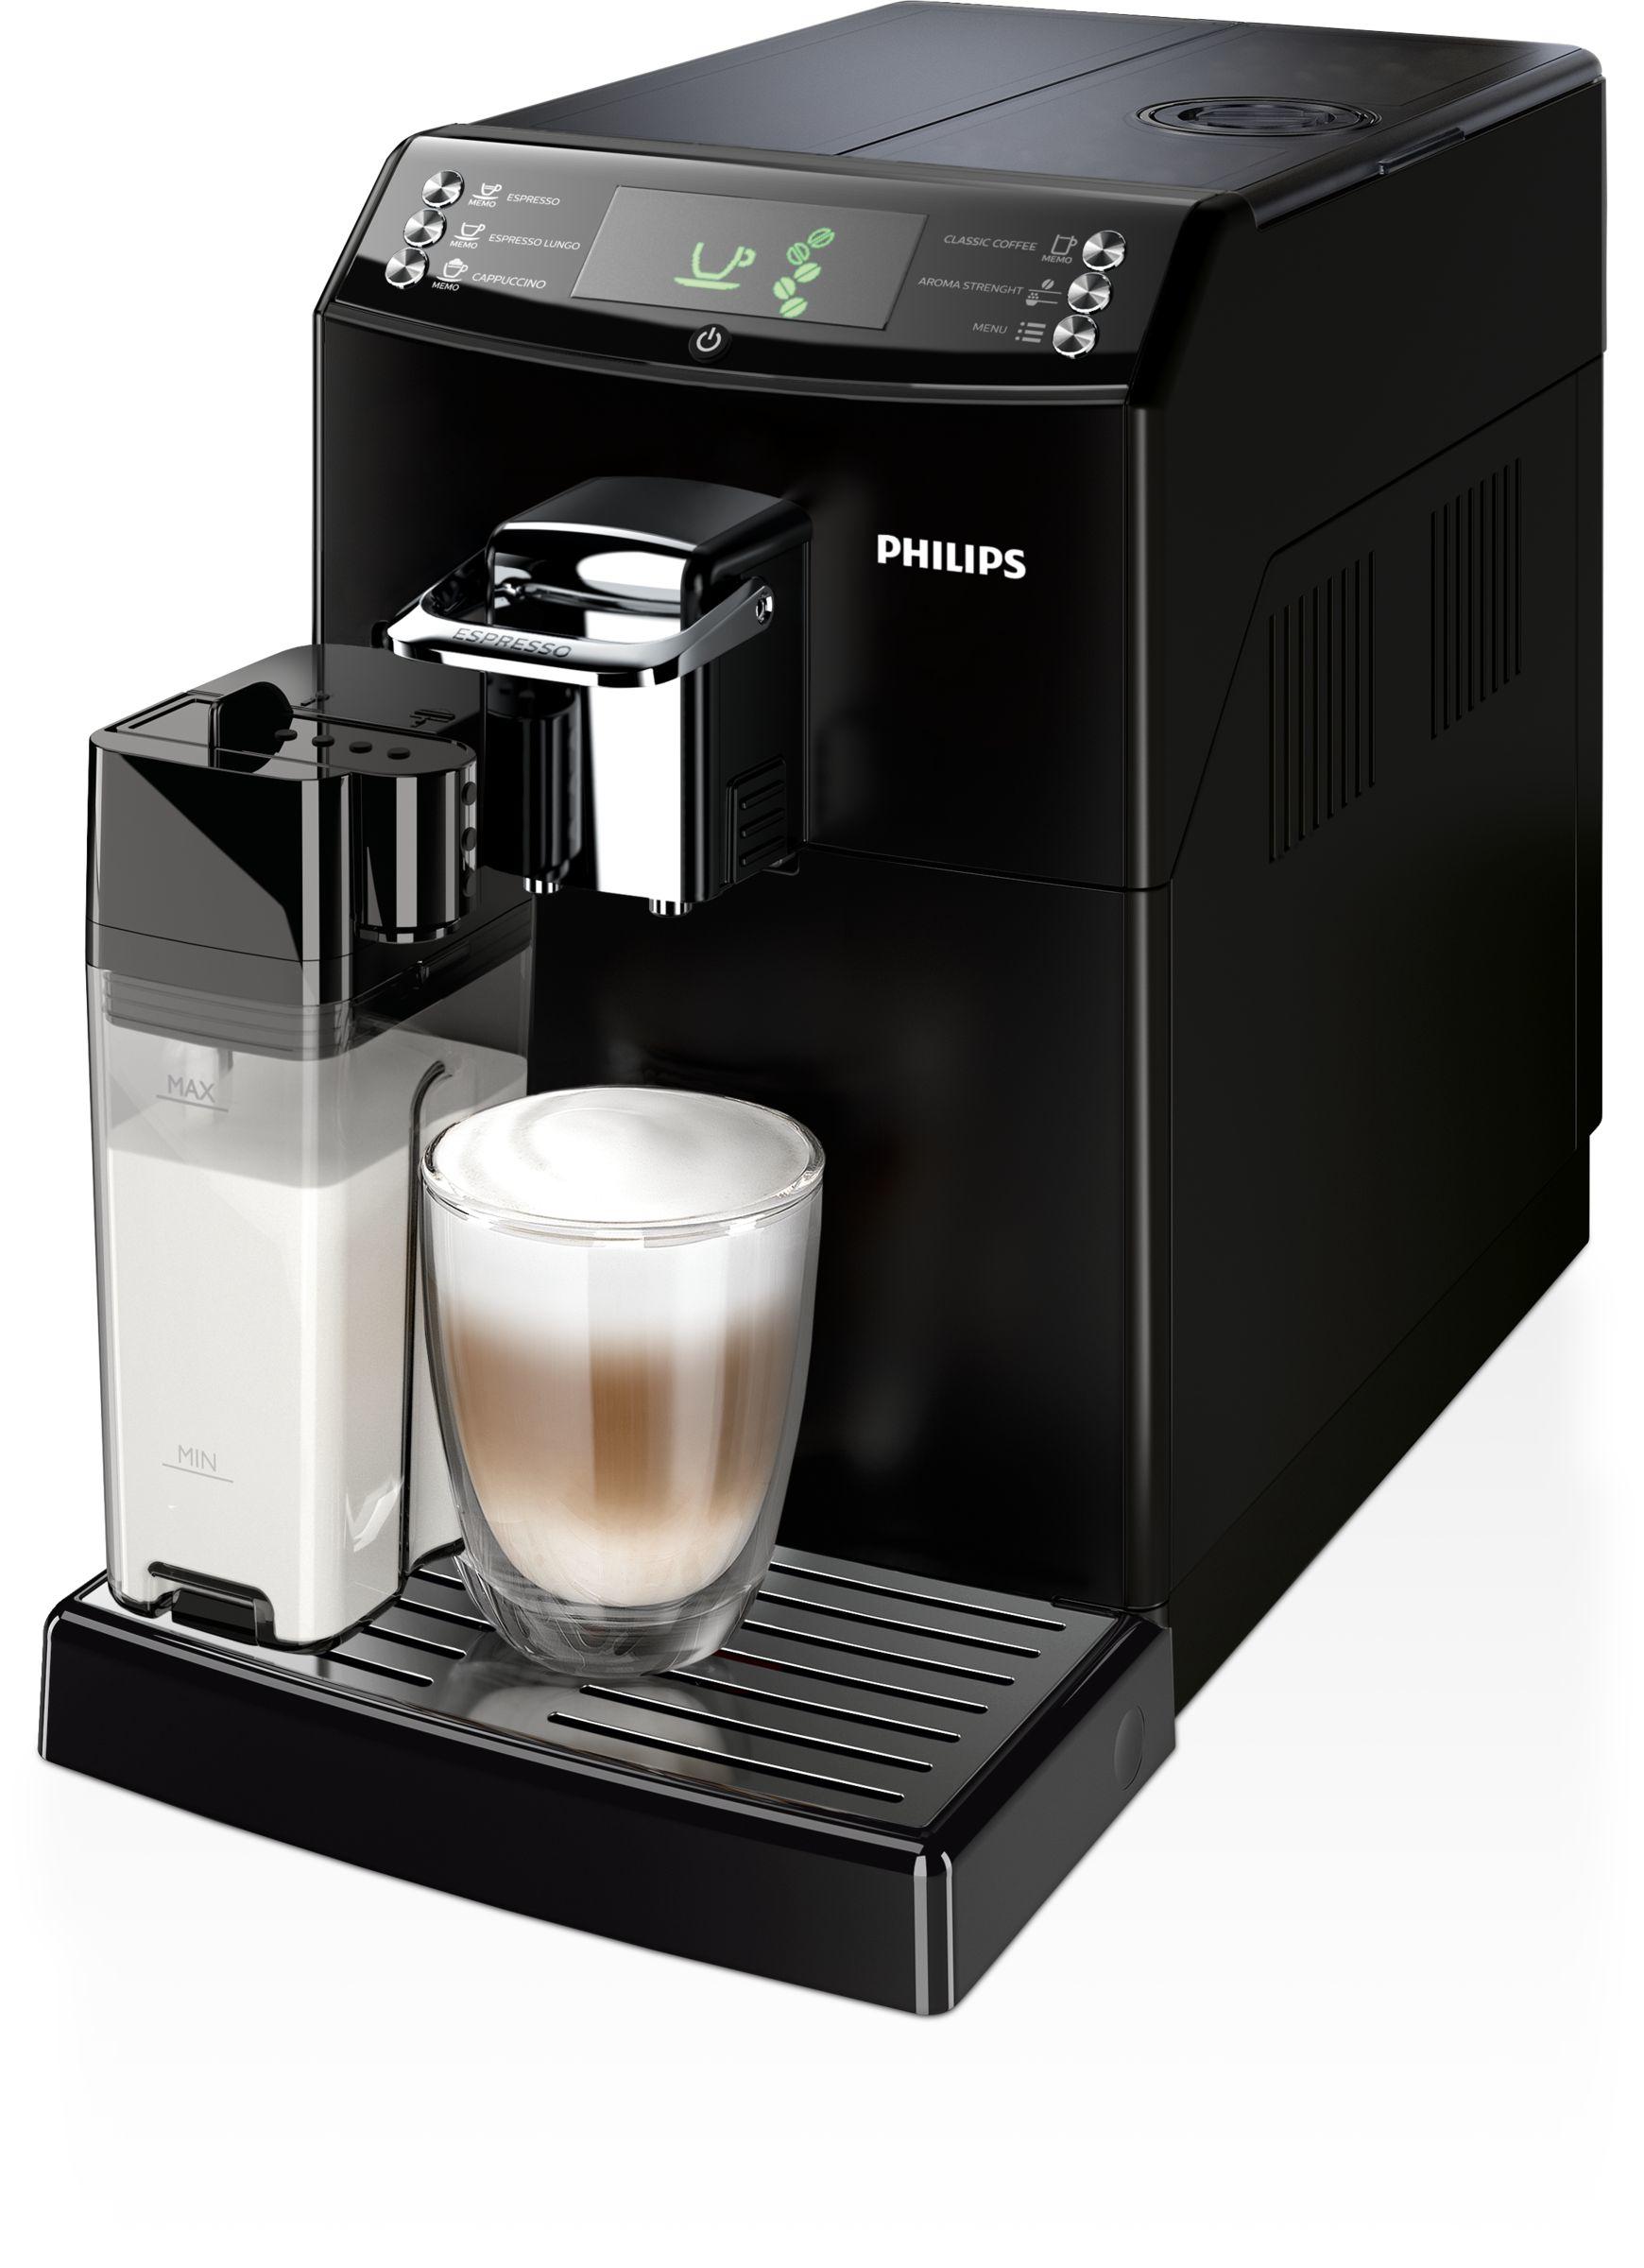 Philips 4000 series Super-automatic espresso machine